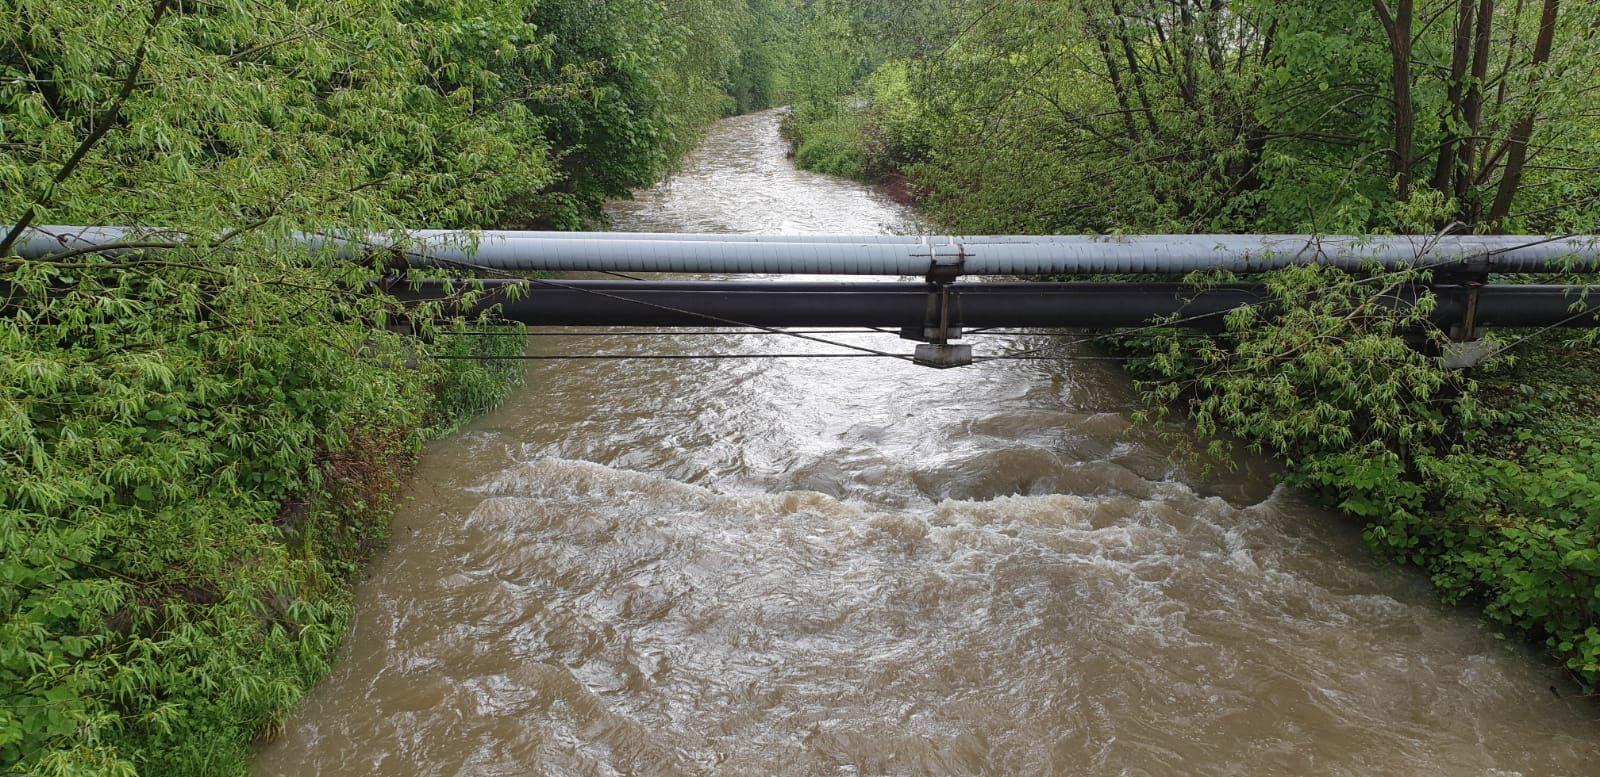 Kolejne ostrzeżenie pogodowe, podniesie się poziom rzek i potoków